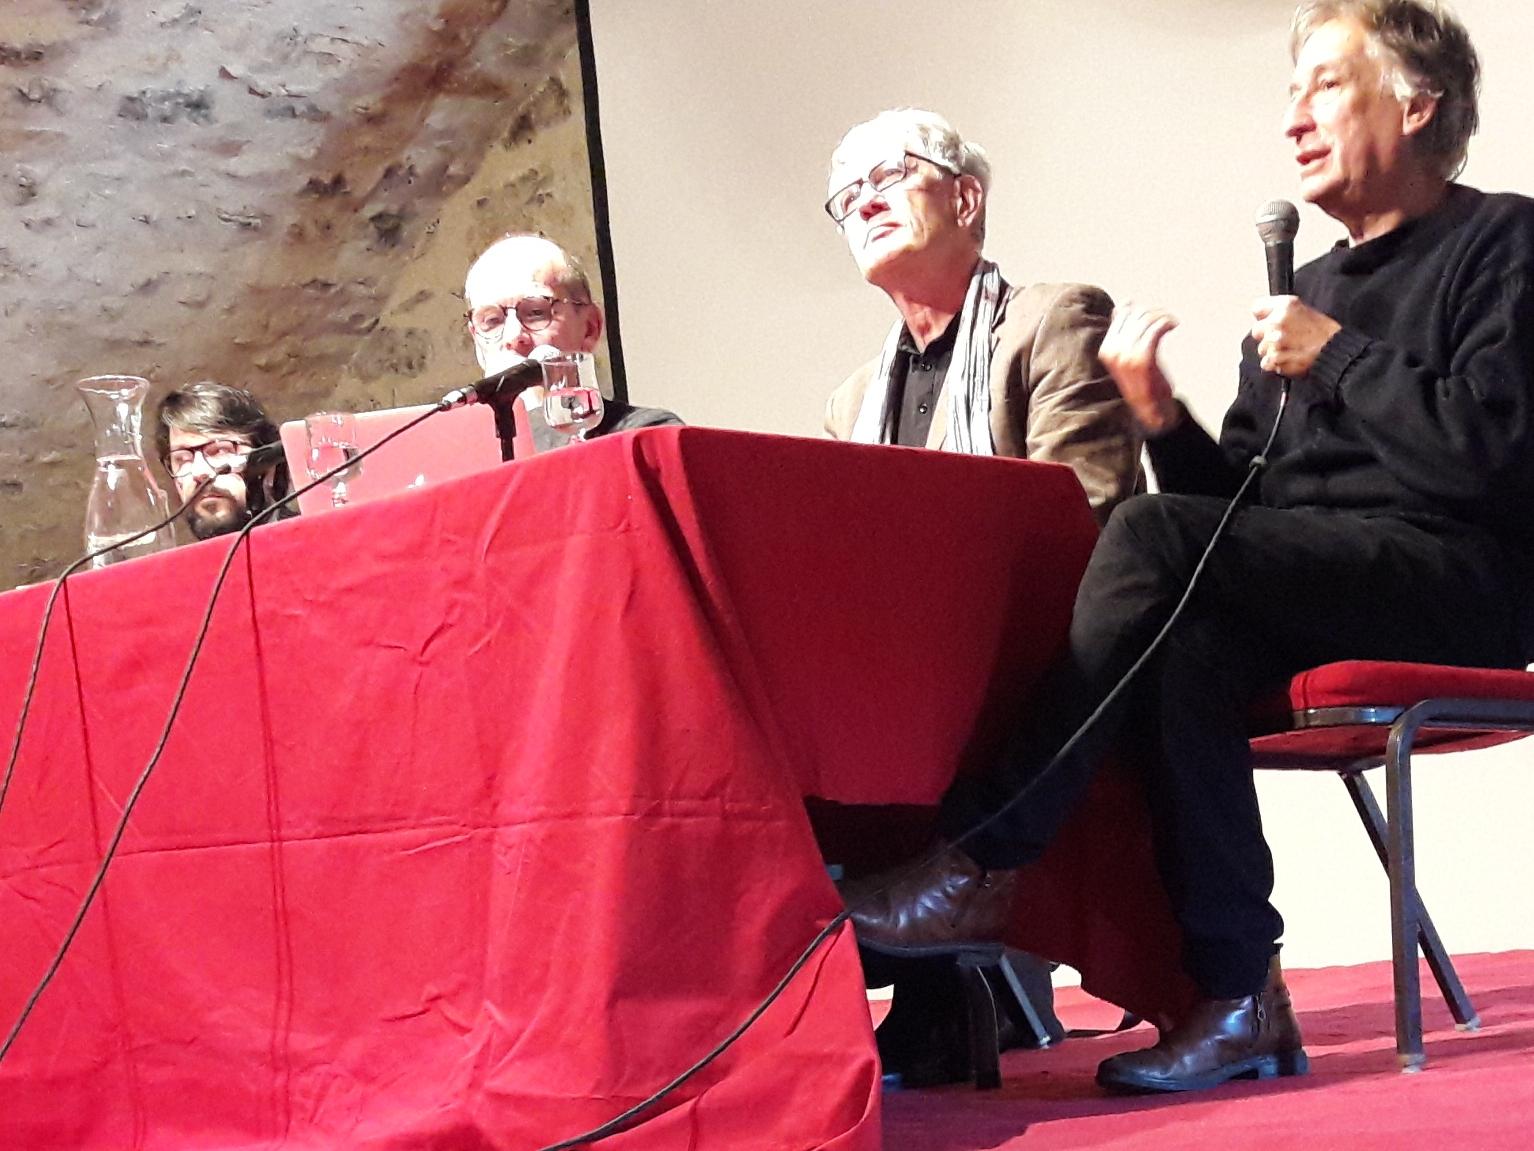 3/11/2018, Banquet du livre d'automne, Lagrasse, avec J. Faerber, S. Bonnery et J. Rouaud